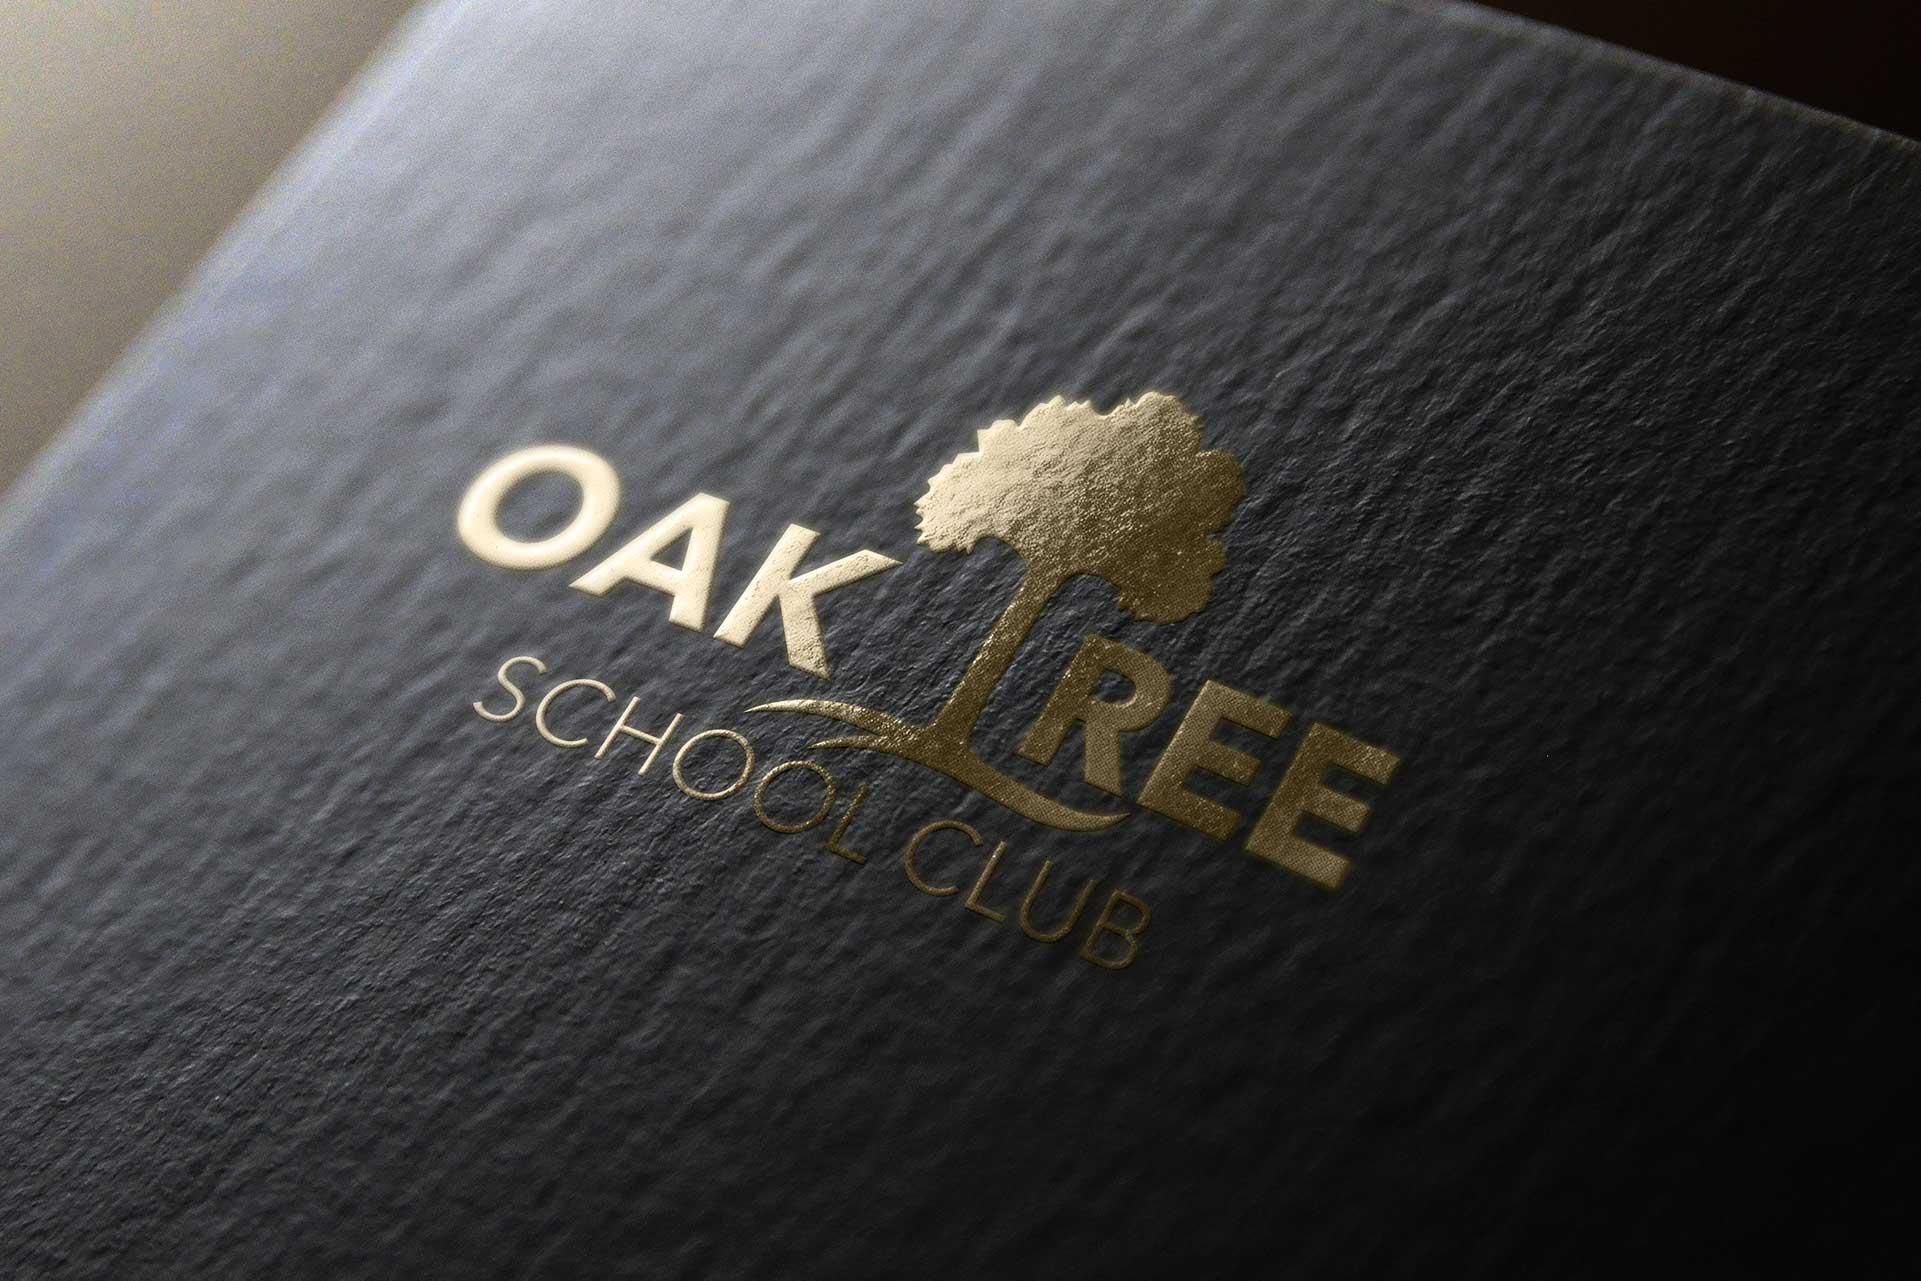 Oak Tree School Club Logo